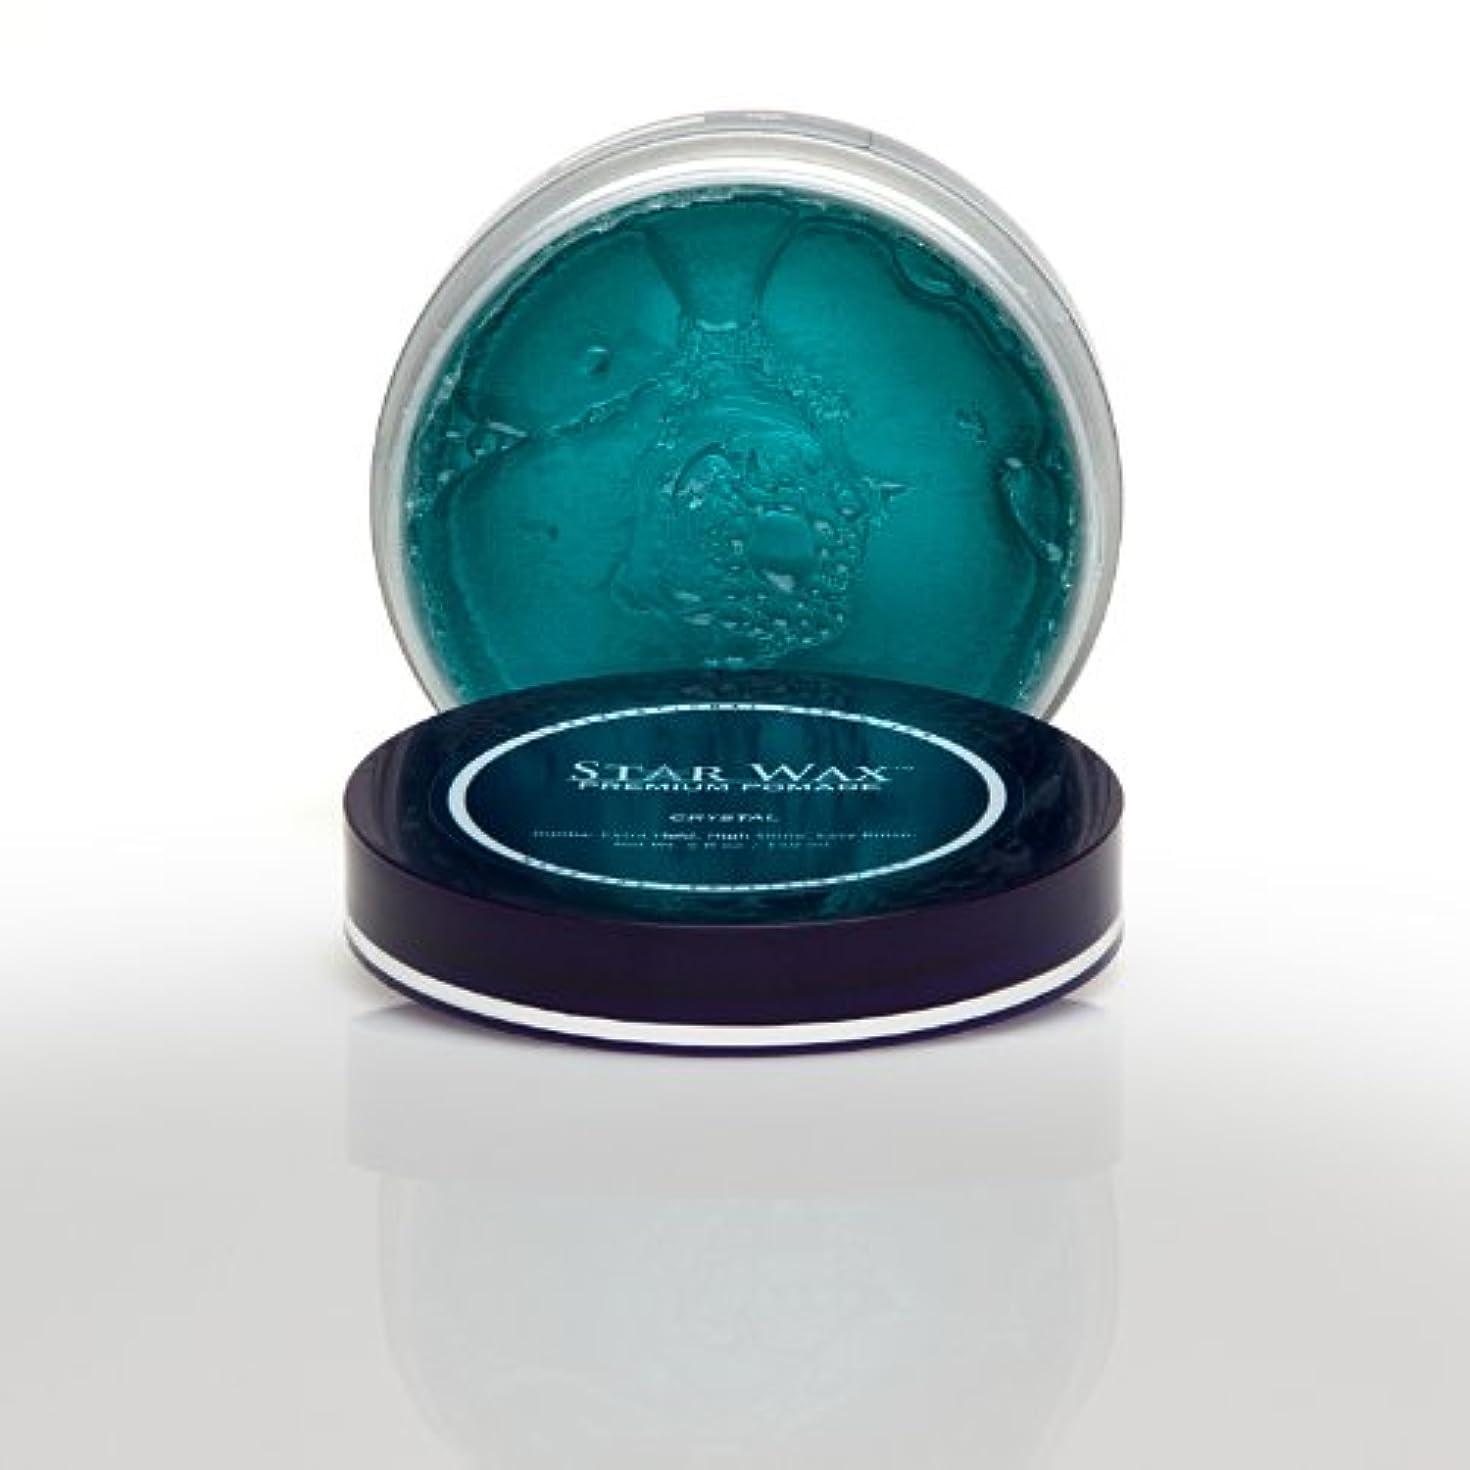 容疑者酔っ払いレルムStar Wax | Premium Pomade, Crystal(スターワックスプレミアム ポマード「クリスタル」)?Star Pro Line(スタープロライン)製?5(液量)オンス/150ml